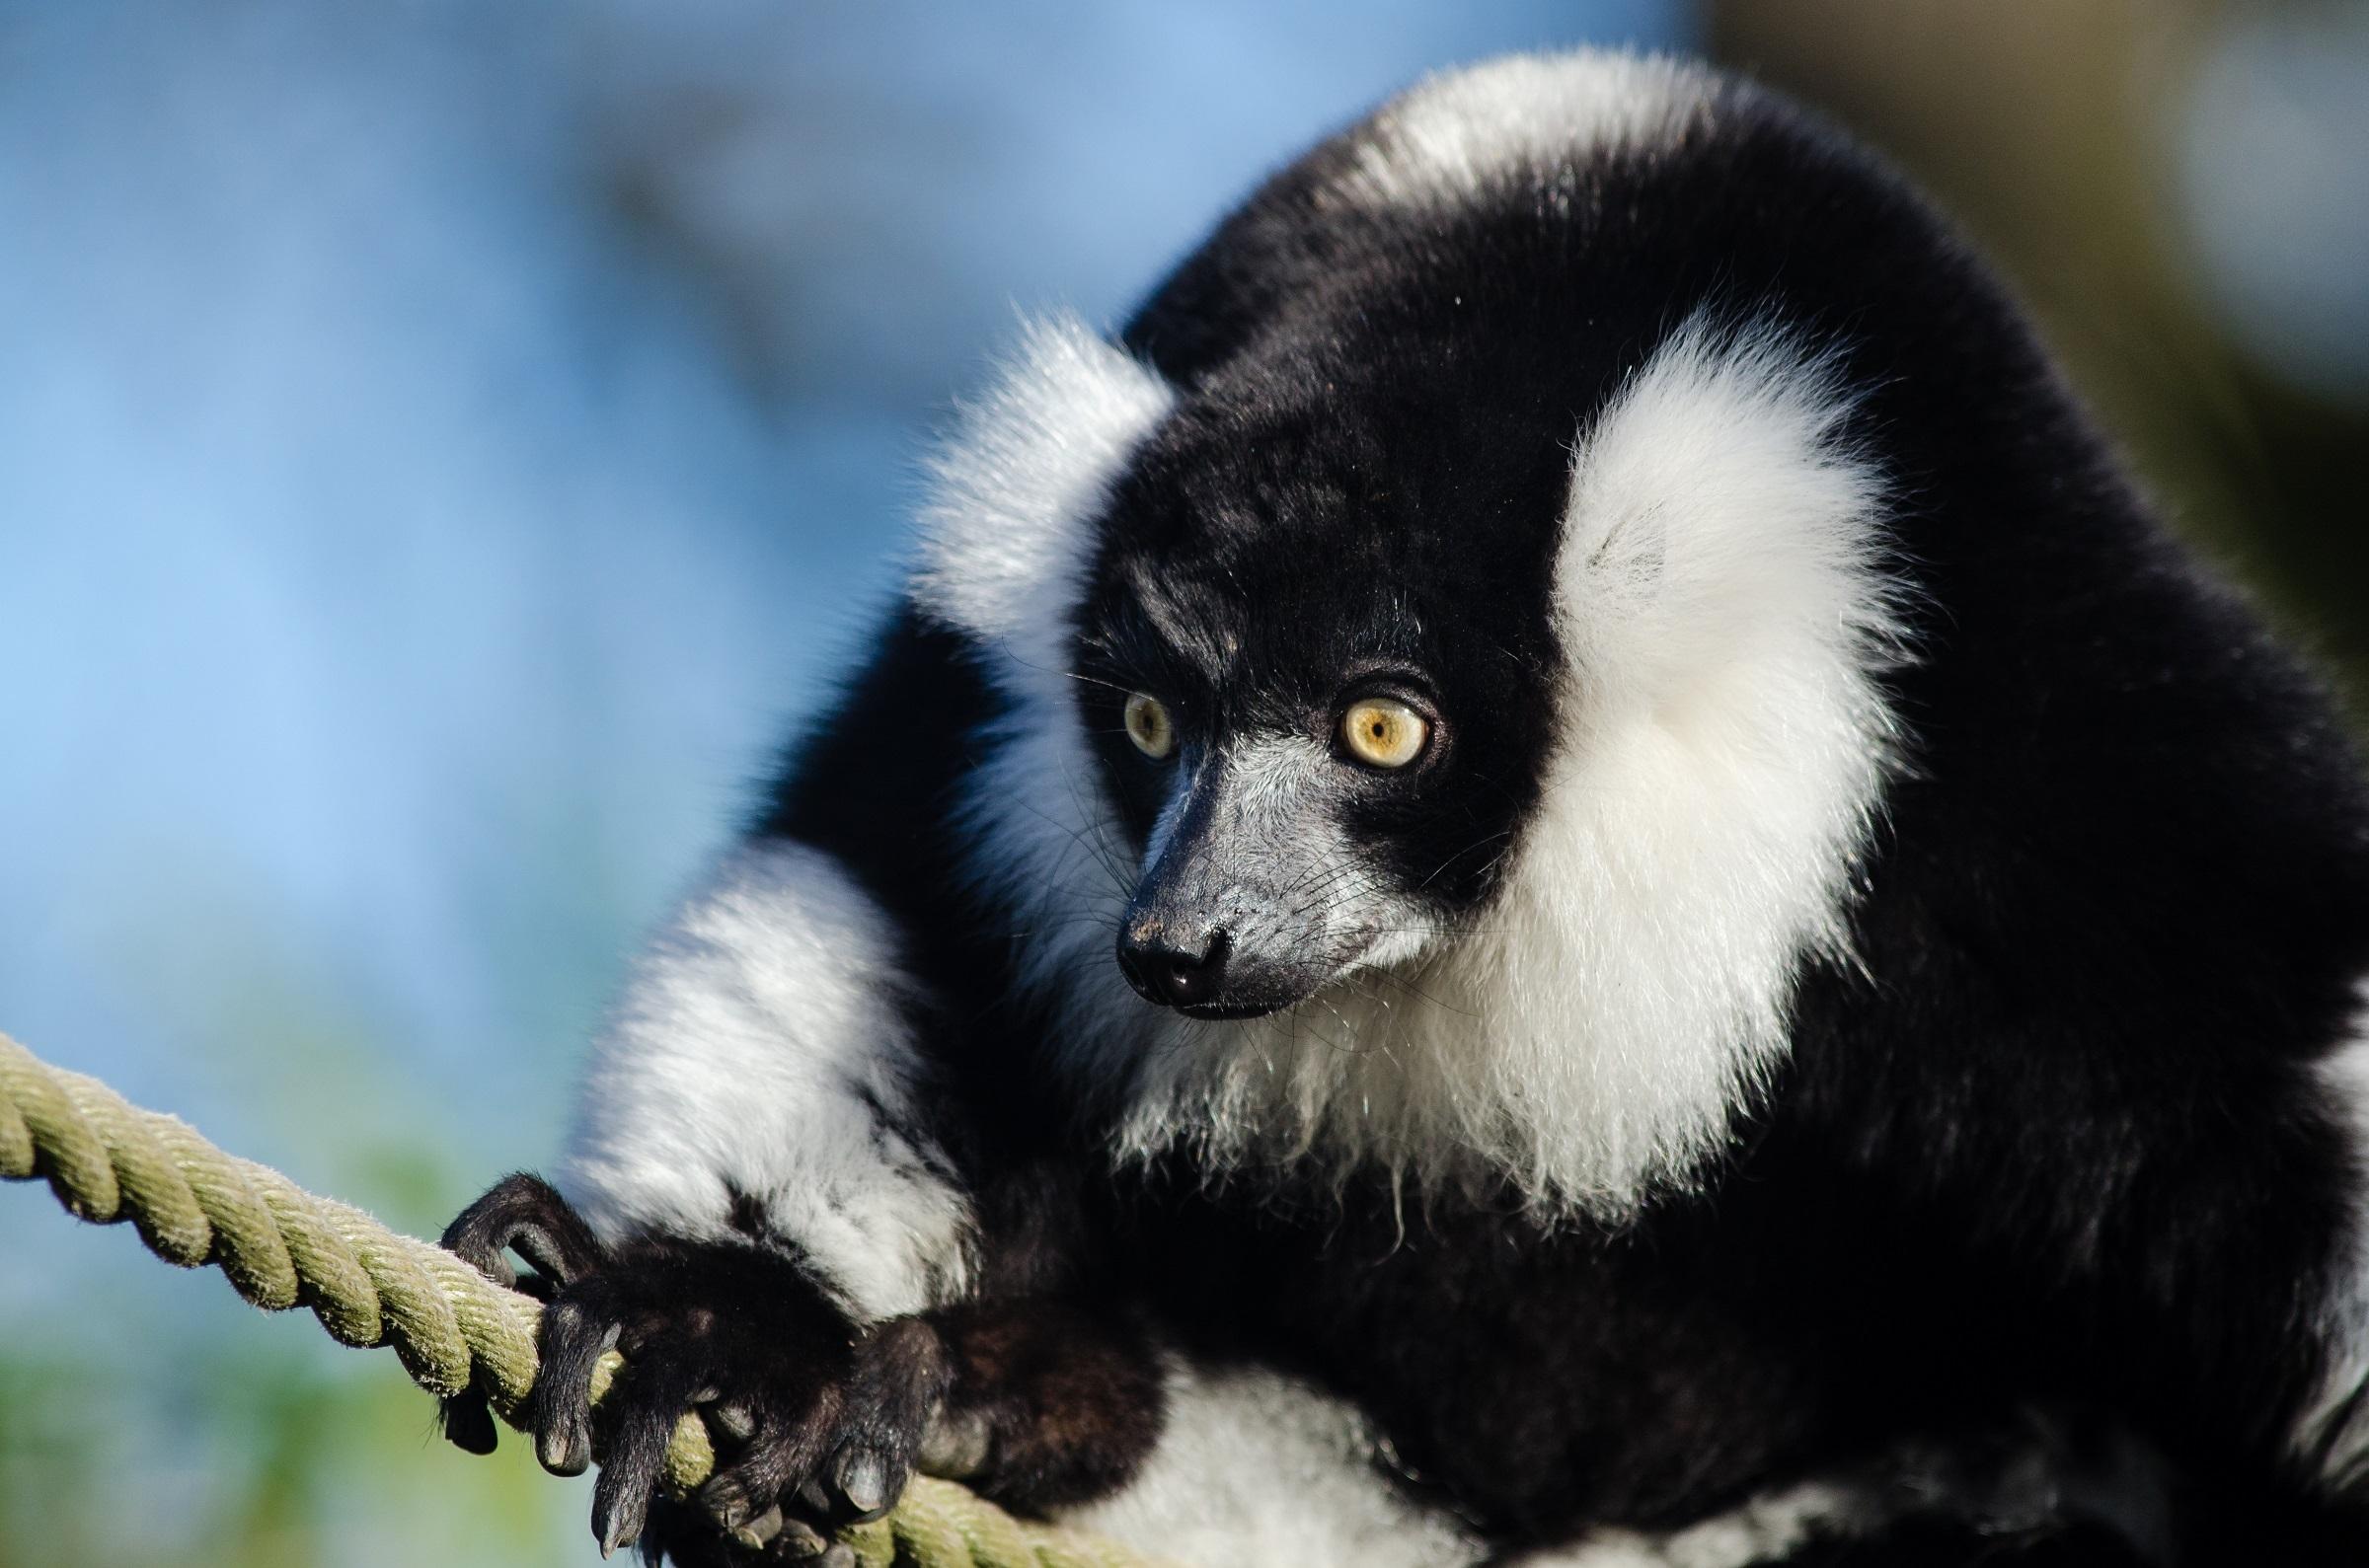 Black n white ruffed lemur photo